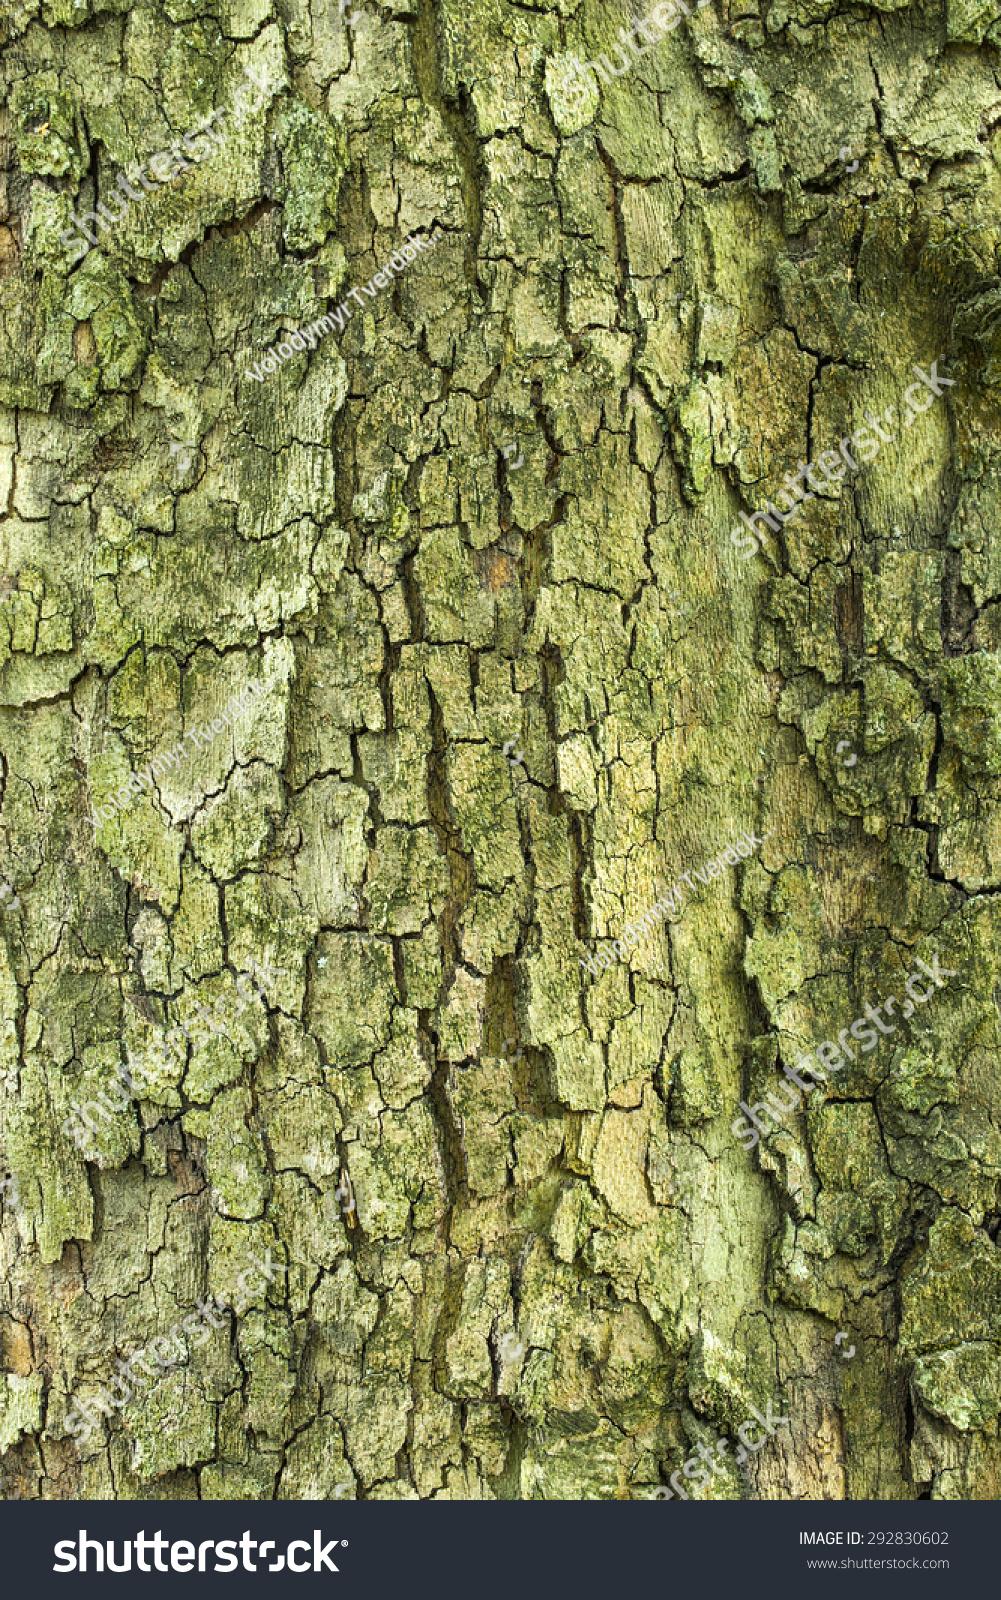 Green Tree Bark Texture Stock Photo (Royalty Free) 292830602 ...